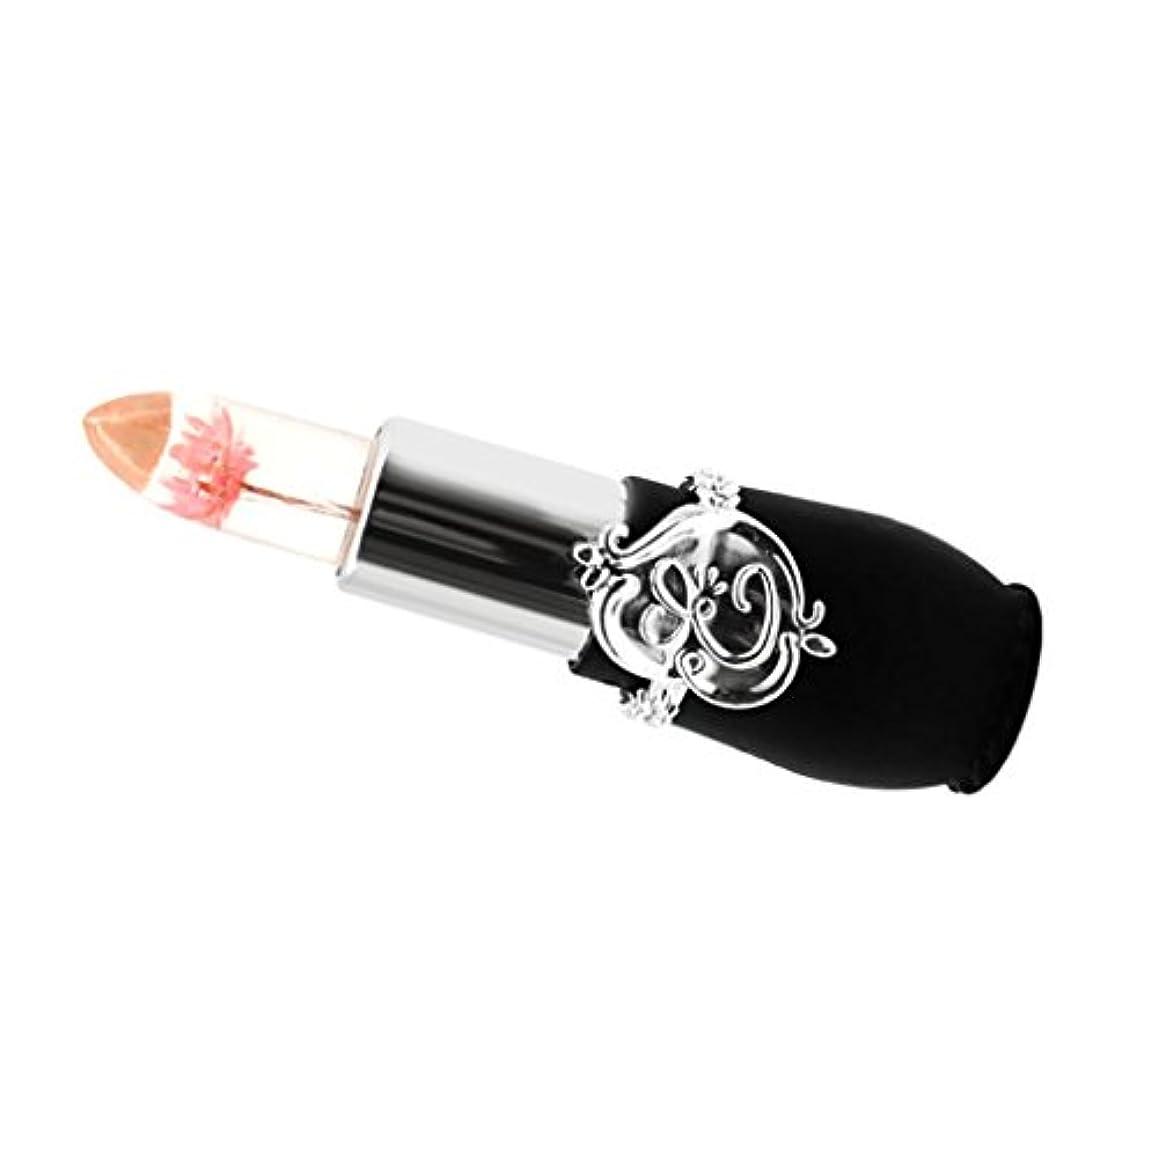 ねじれワードローブきょうだい色変化リップスティック リップグロス リップバーム 口紅 おしゃれ 長持ち 唇のケア 潤い 6タイプ選べる - ピンク